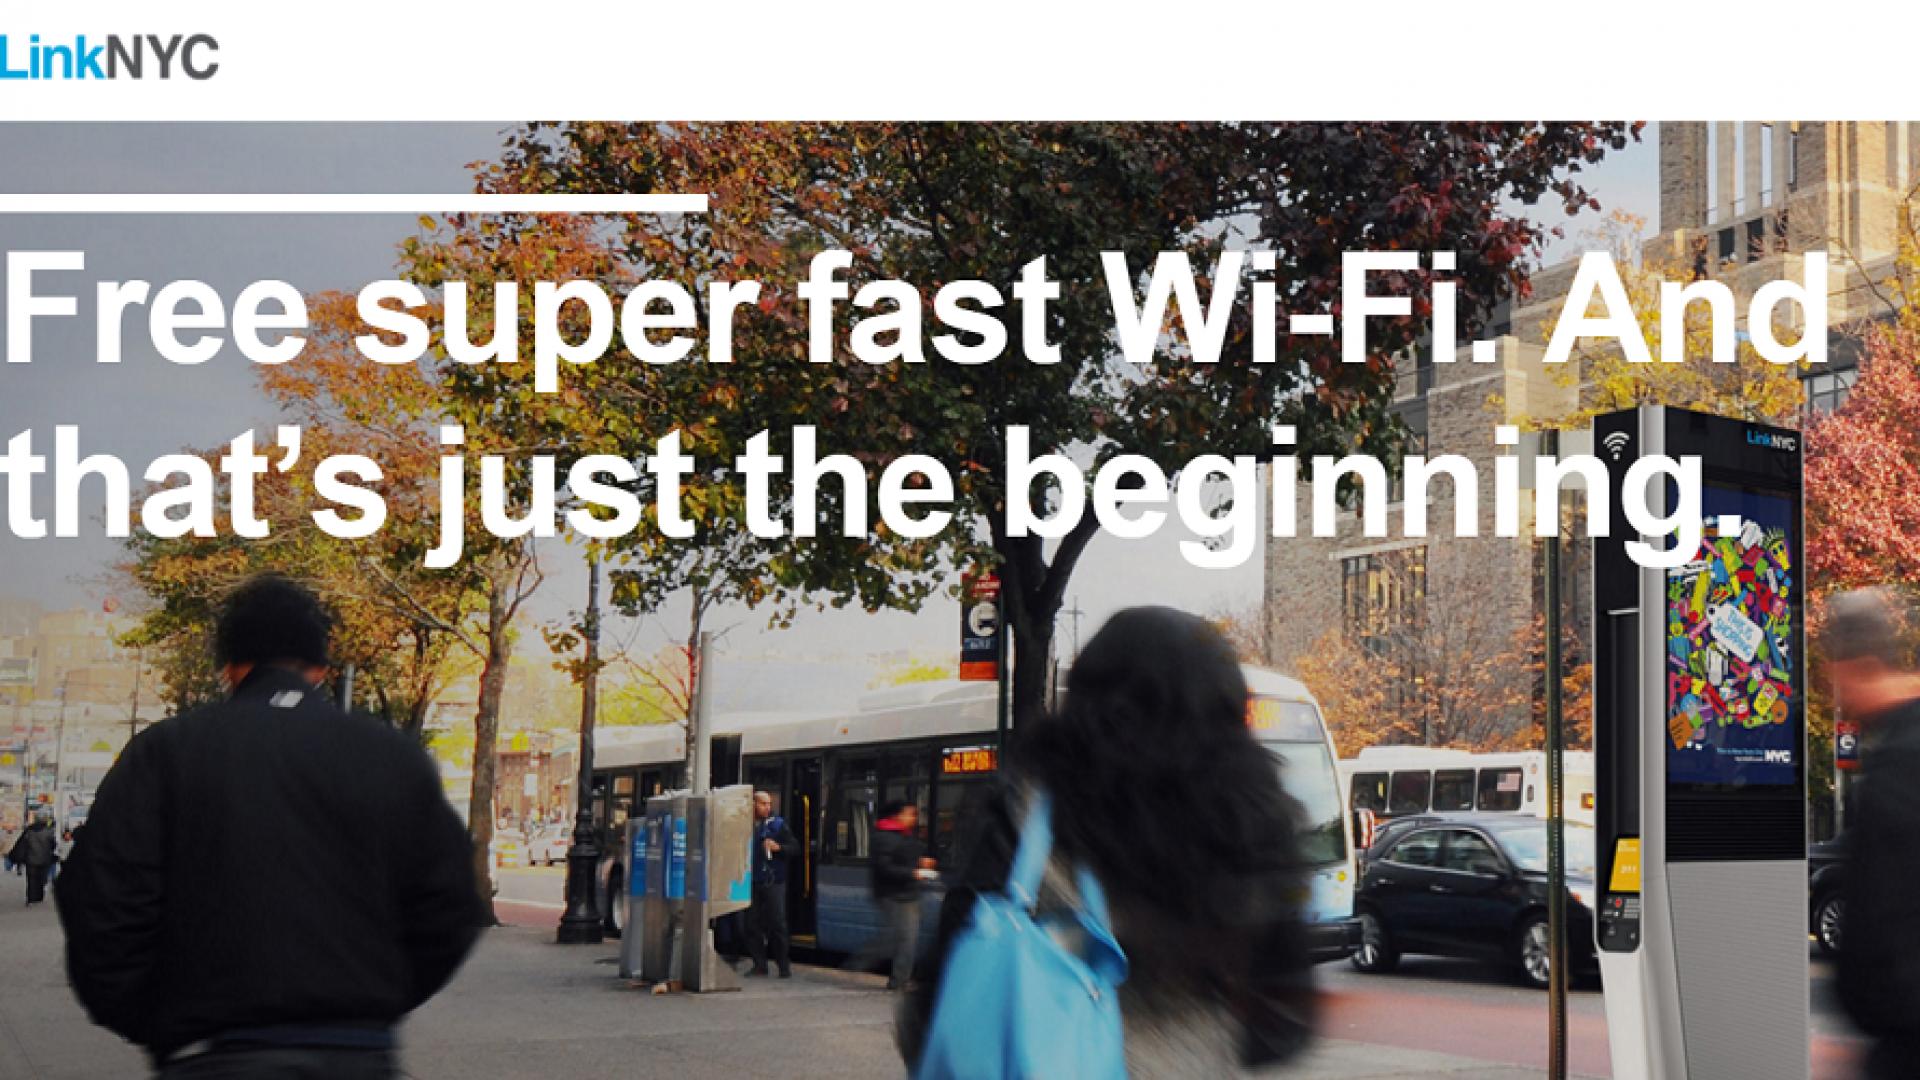 Screenshot of LinkNYC website